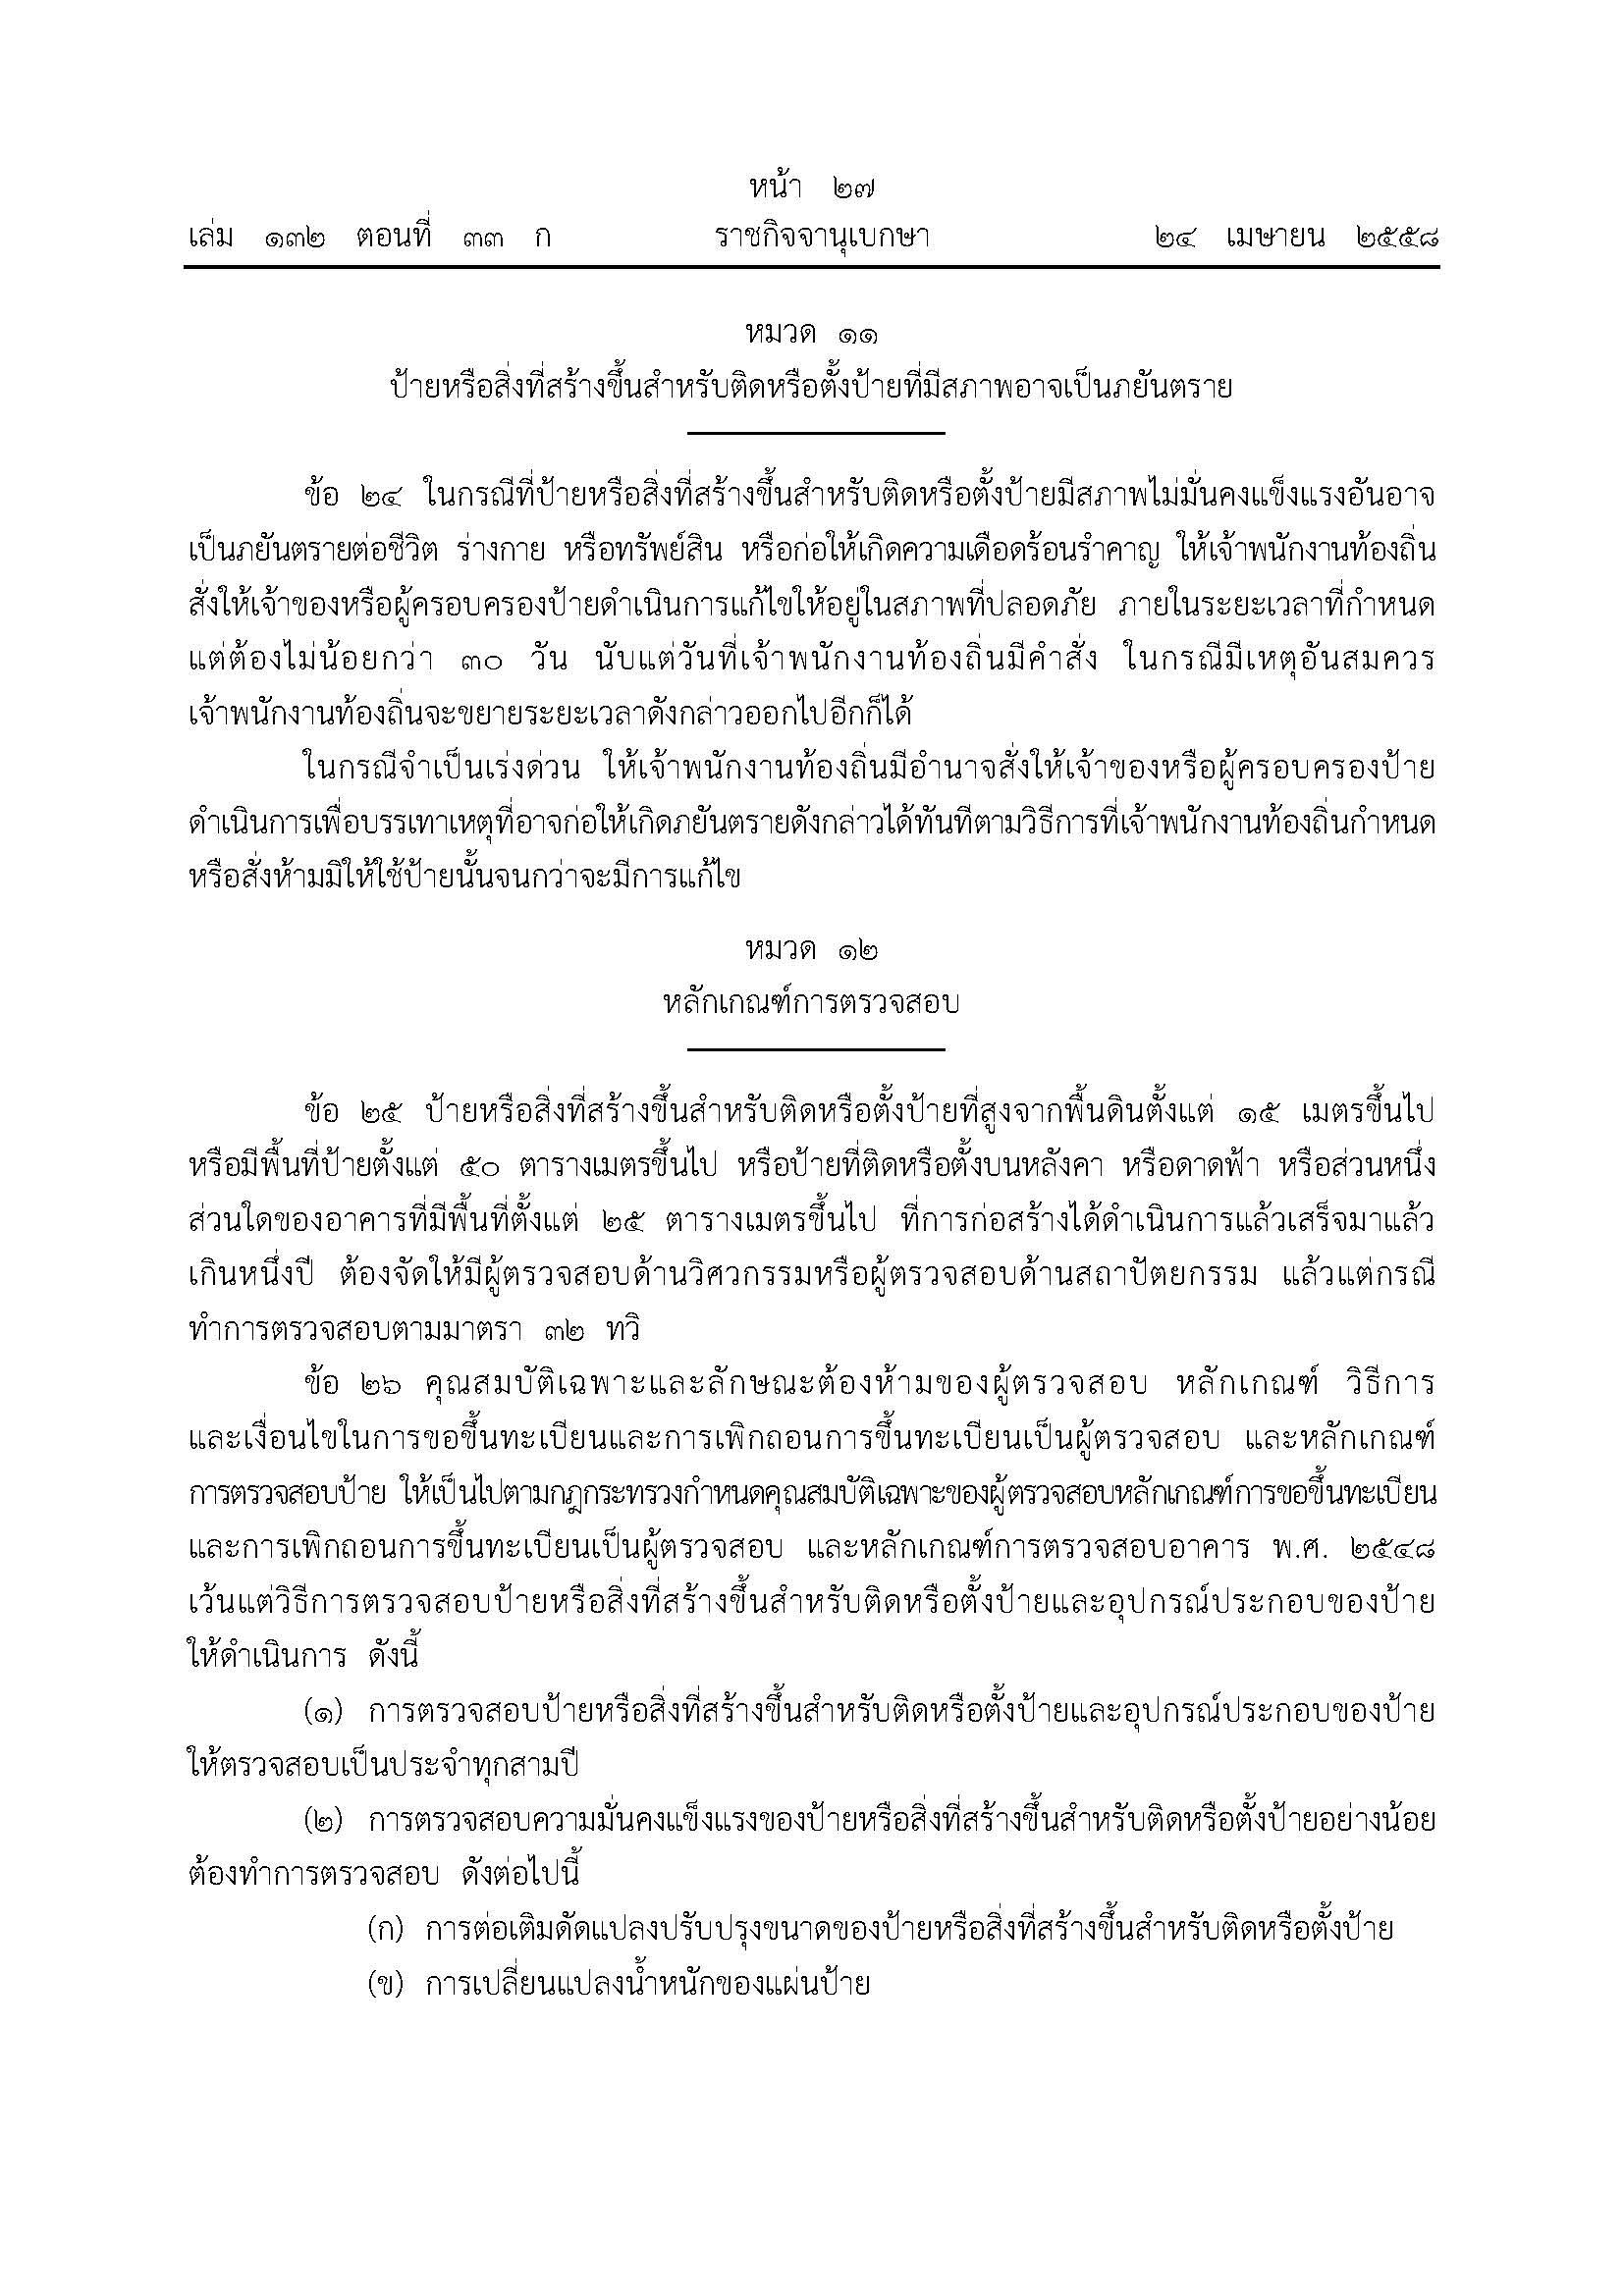 กฎกระทรวง 2558_Page_09